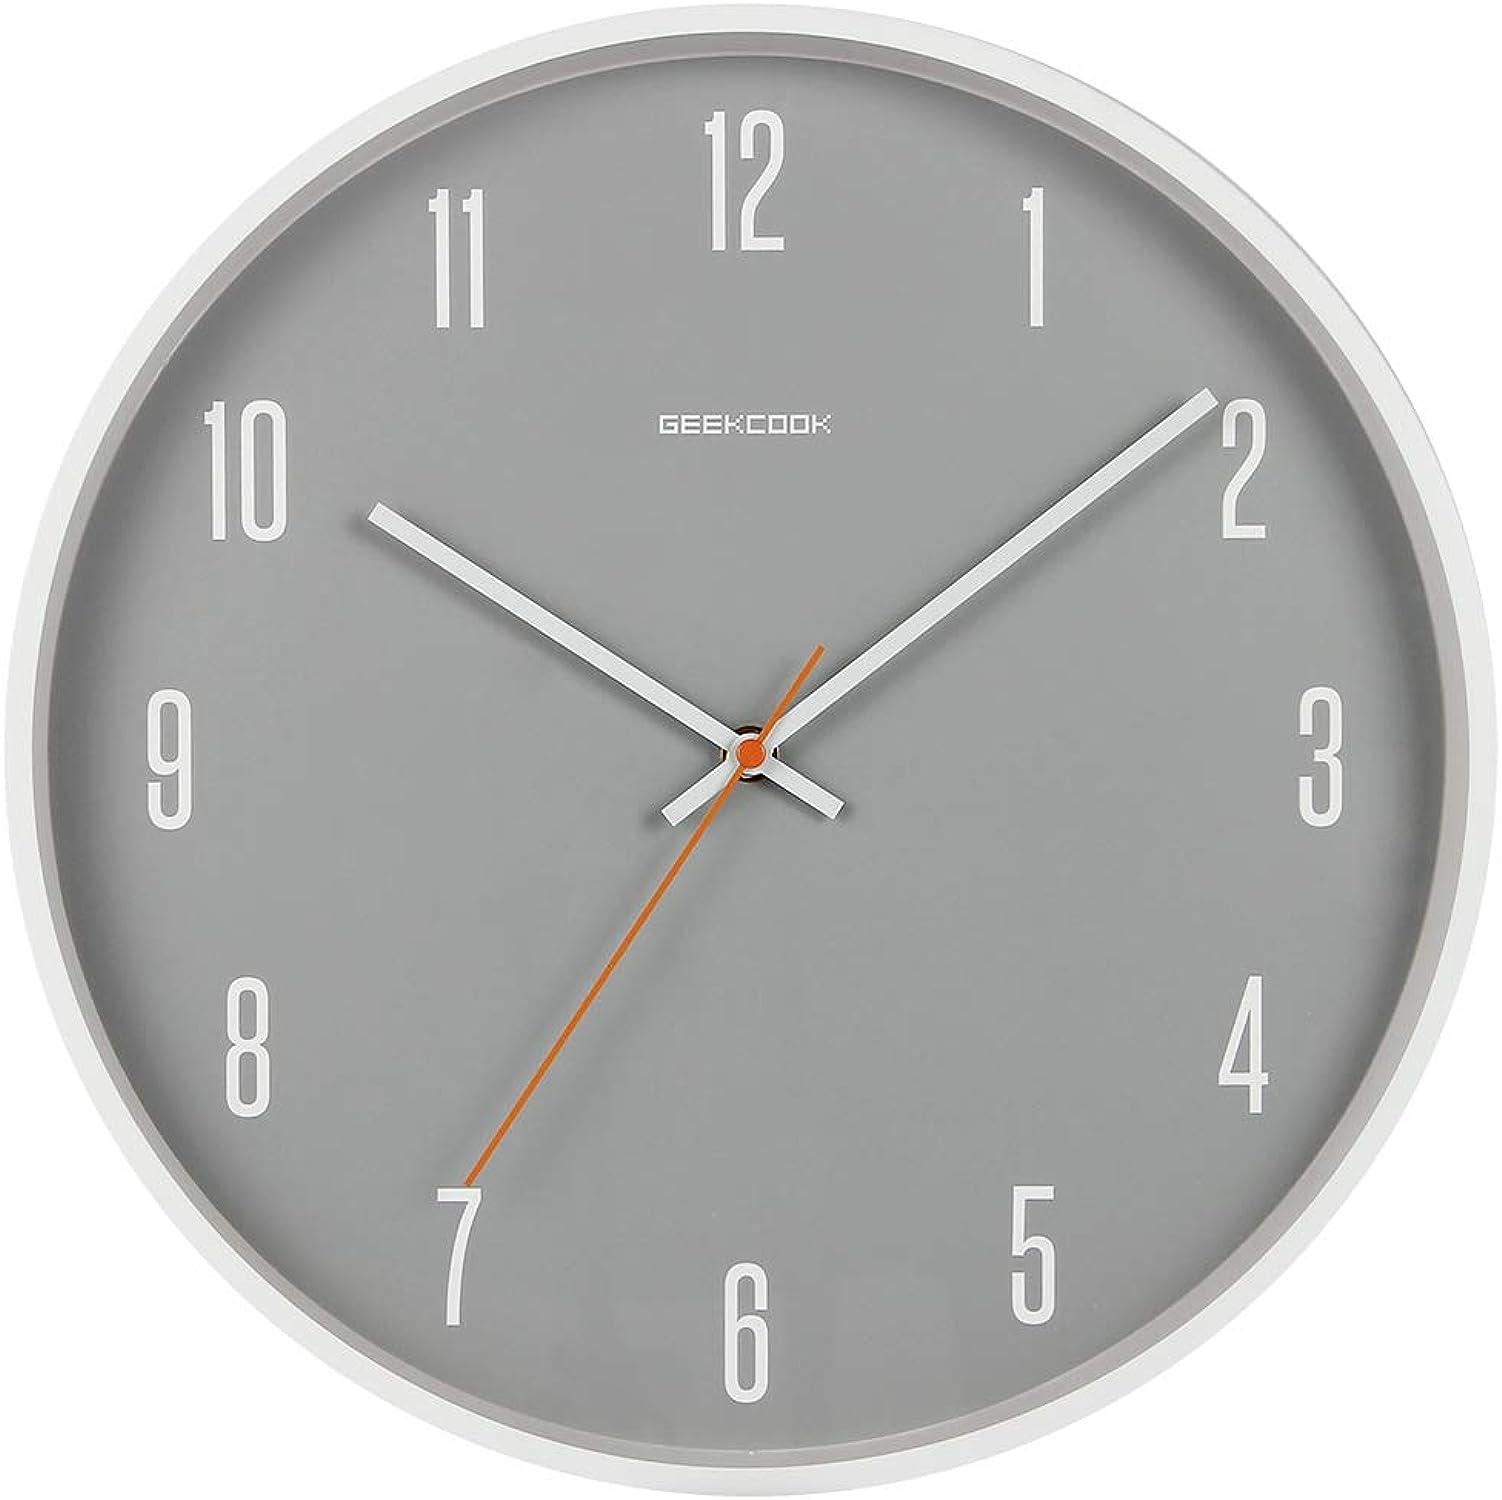 alta calidad Reloj Reloj Reloj de parojo para el hogar Mute, de 14 pulgadas con esfera gris Reloj minimalista de estilo nórdico, creativo, de metal y madera para la decoración del dormitorio Funciona con pilas,blancoometalnumber  venta